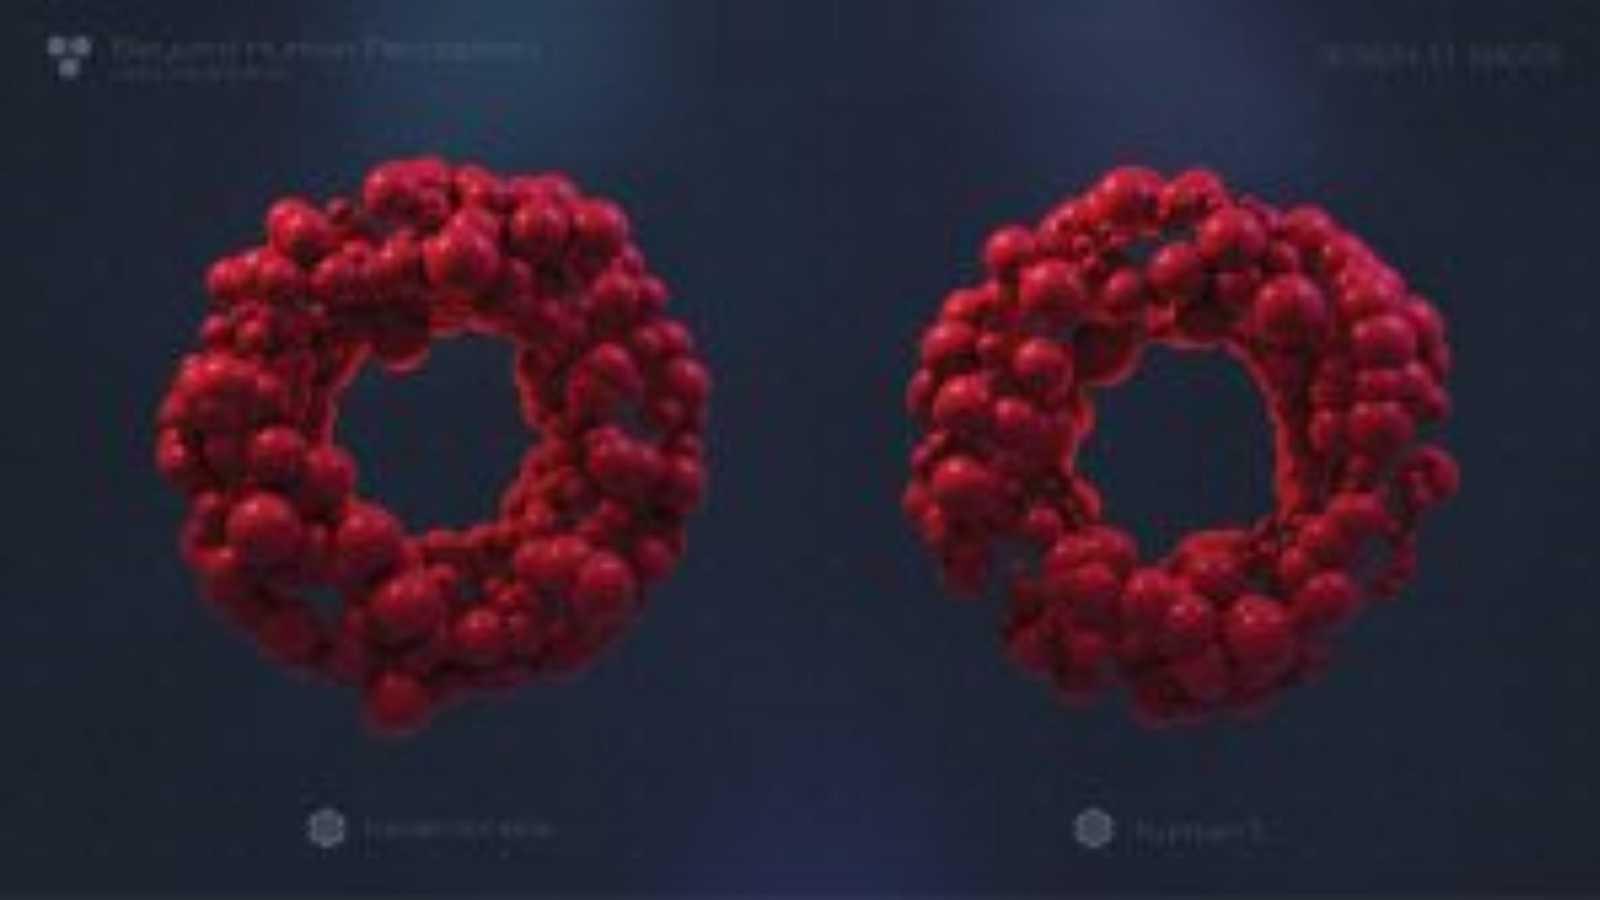 Fluido Rosa - Arte y Neurotecnología, Dart Festival y Marbella Gallery - 30/11/20 - escuchar ahora